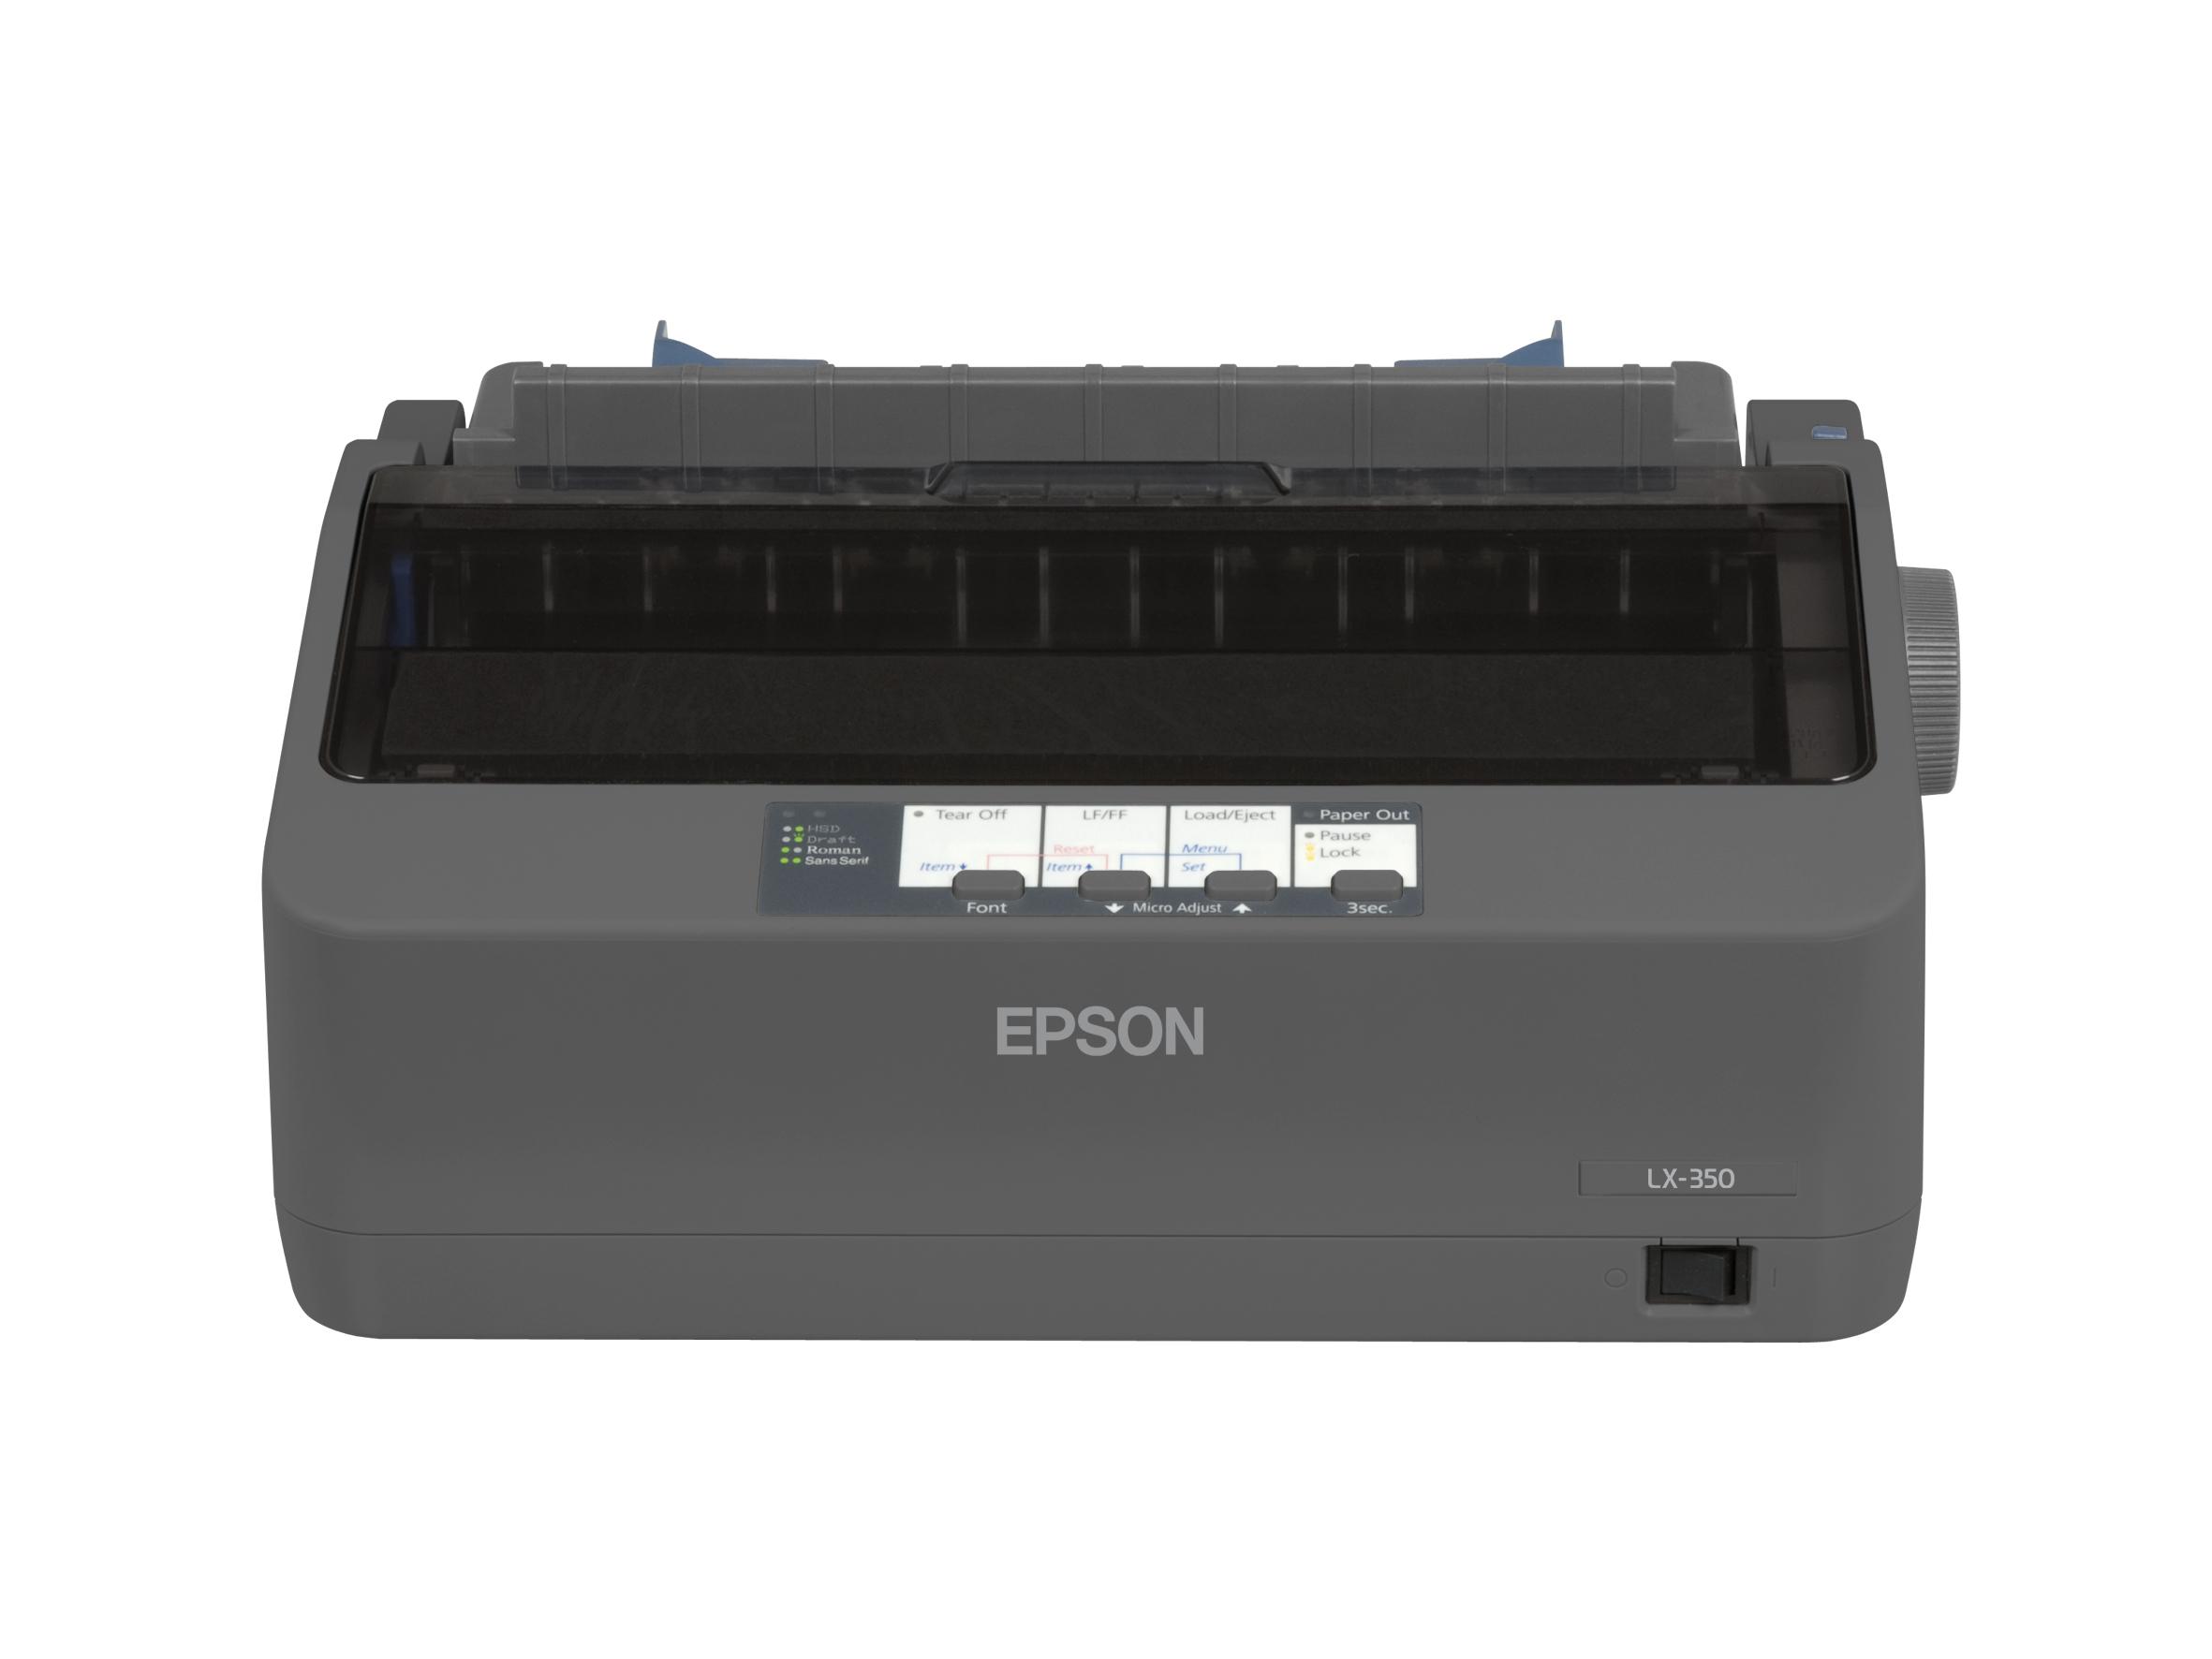 LX 350 Printer (monochrome, dot-matrix, 9 pin, 357 char/sec, parallel, USB, serieel)